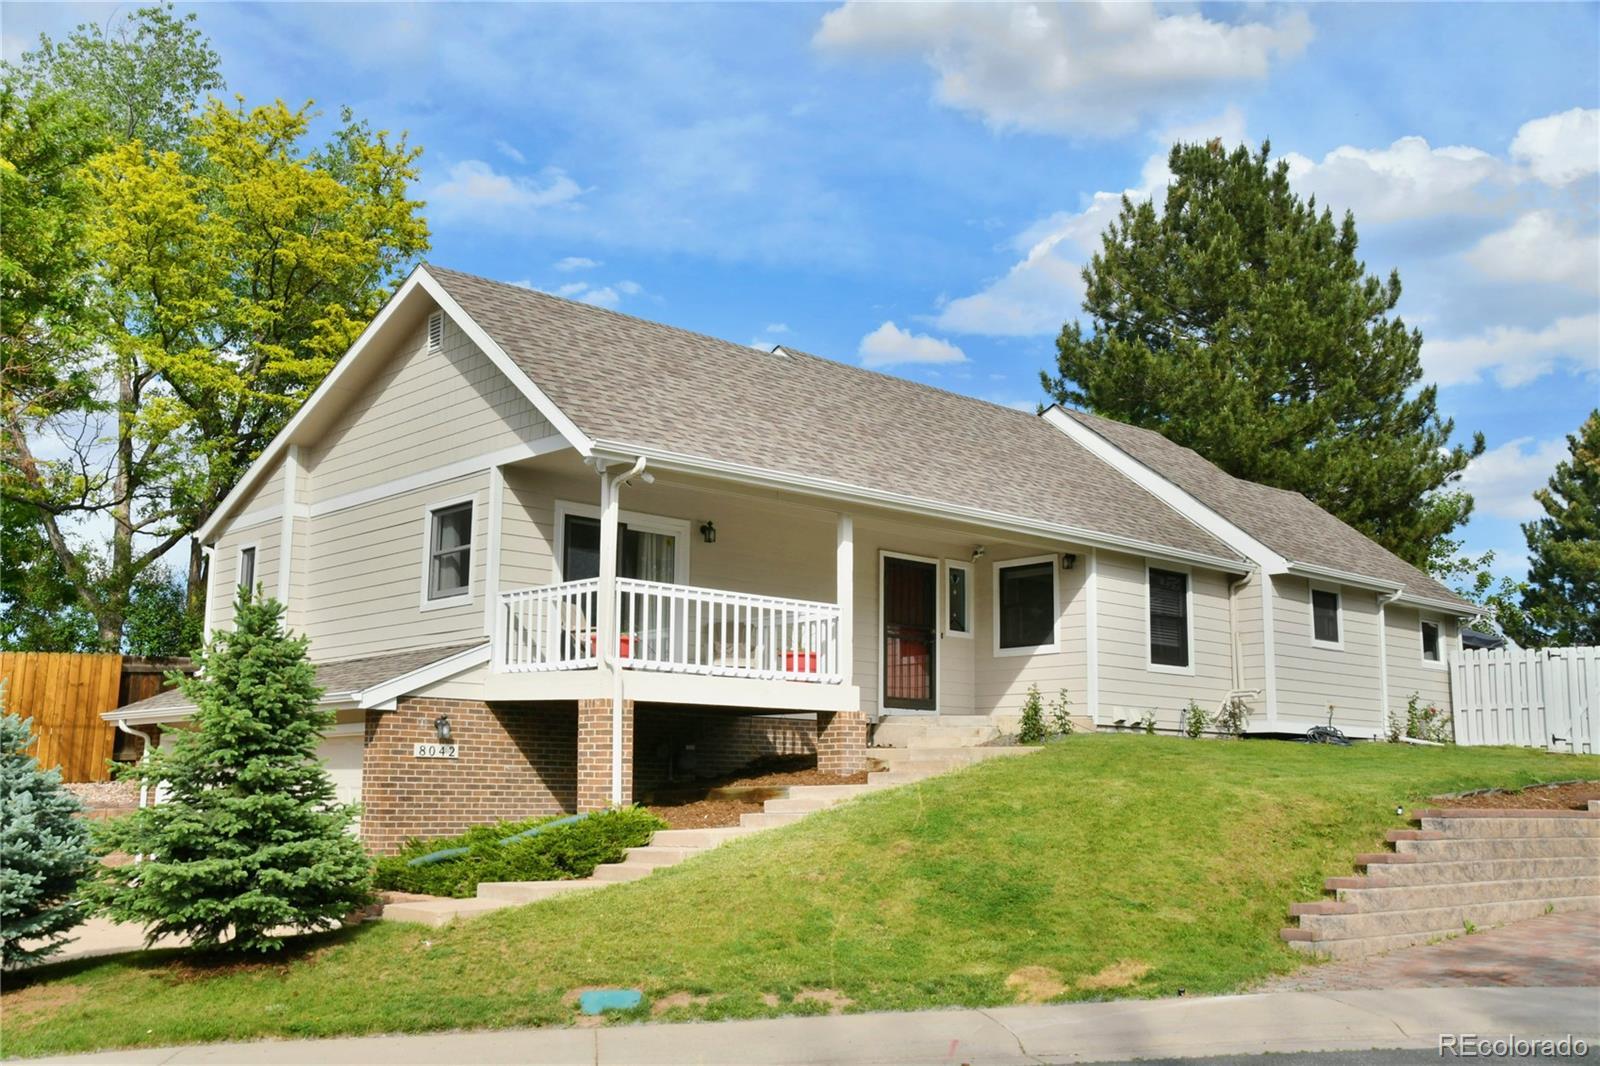 8042 S Niagara Way Property Photo - Centennial, CO real estate listing